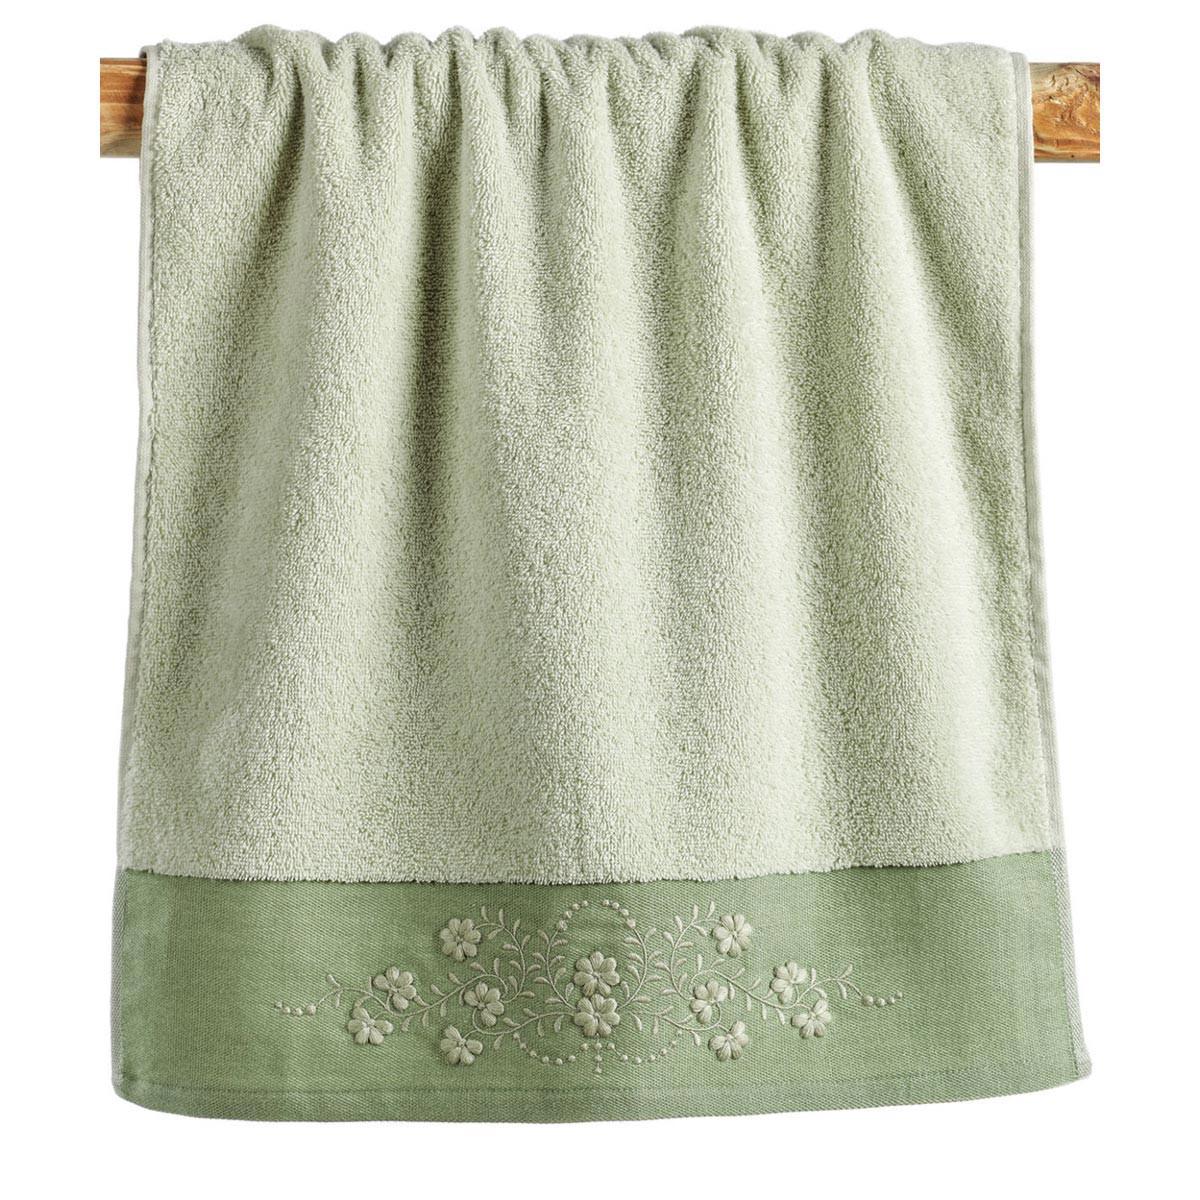 Πετσέτες Μπάνιου (Σετ 3τμχ) Kentia Bath Morena 10